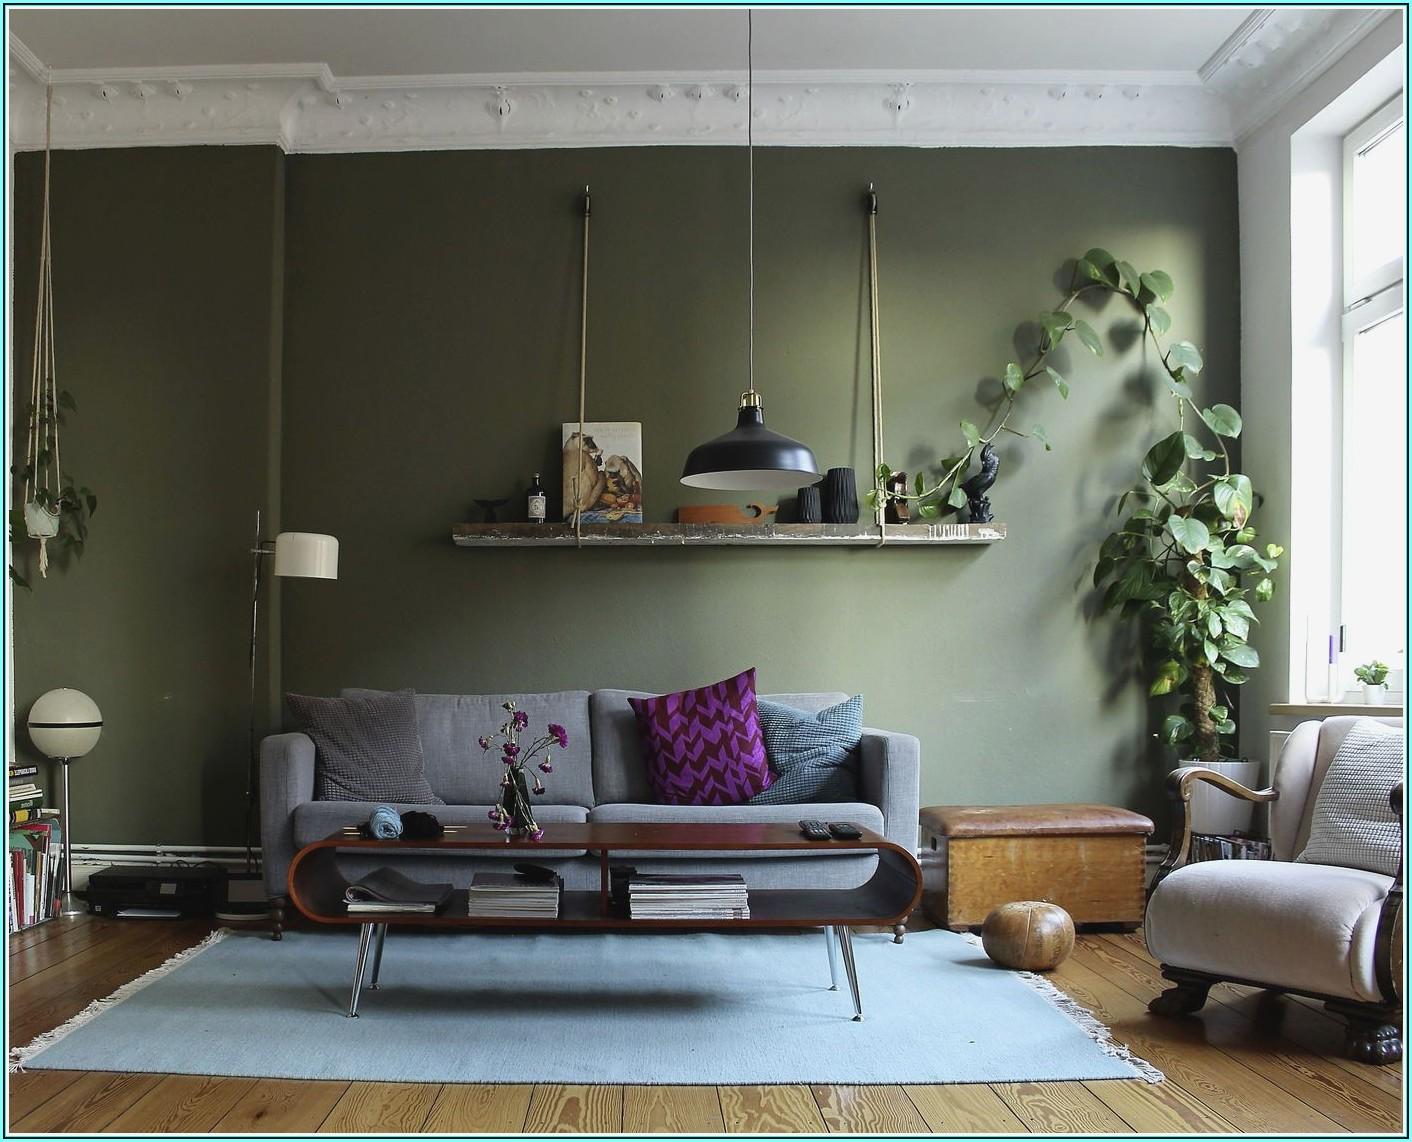 Wohnzimmer Ideen Grau Grün